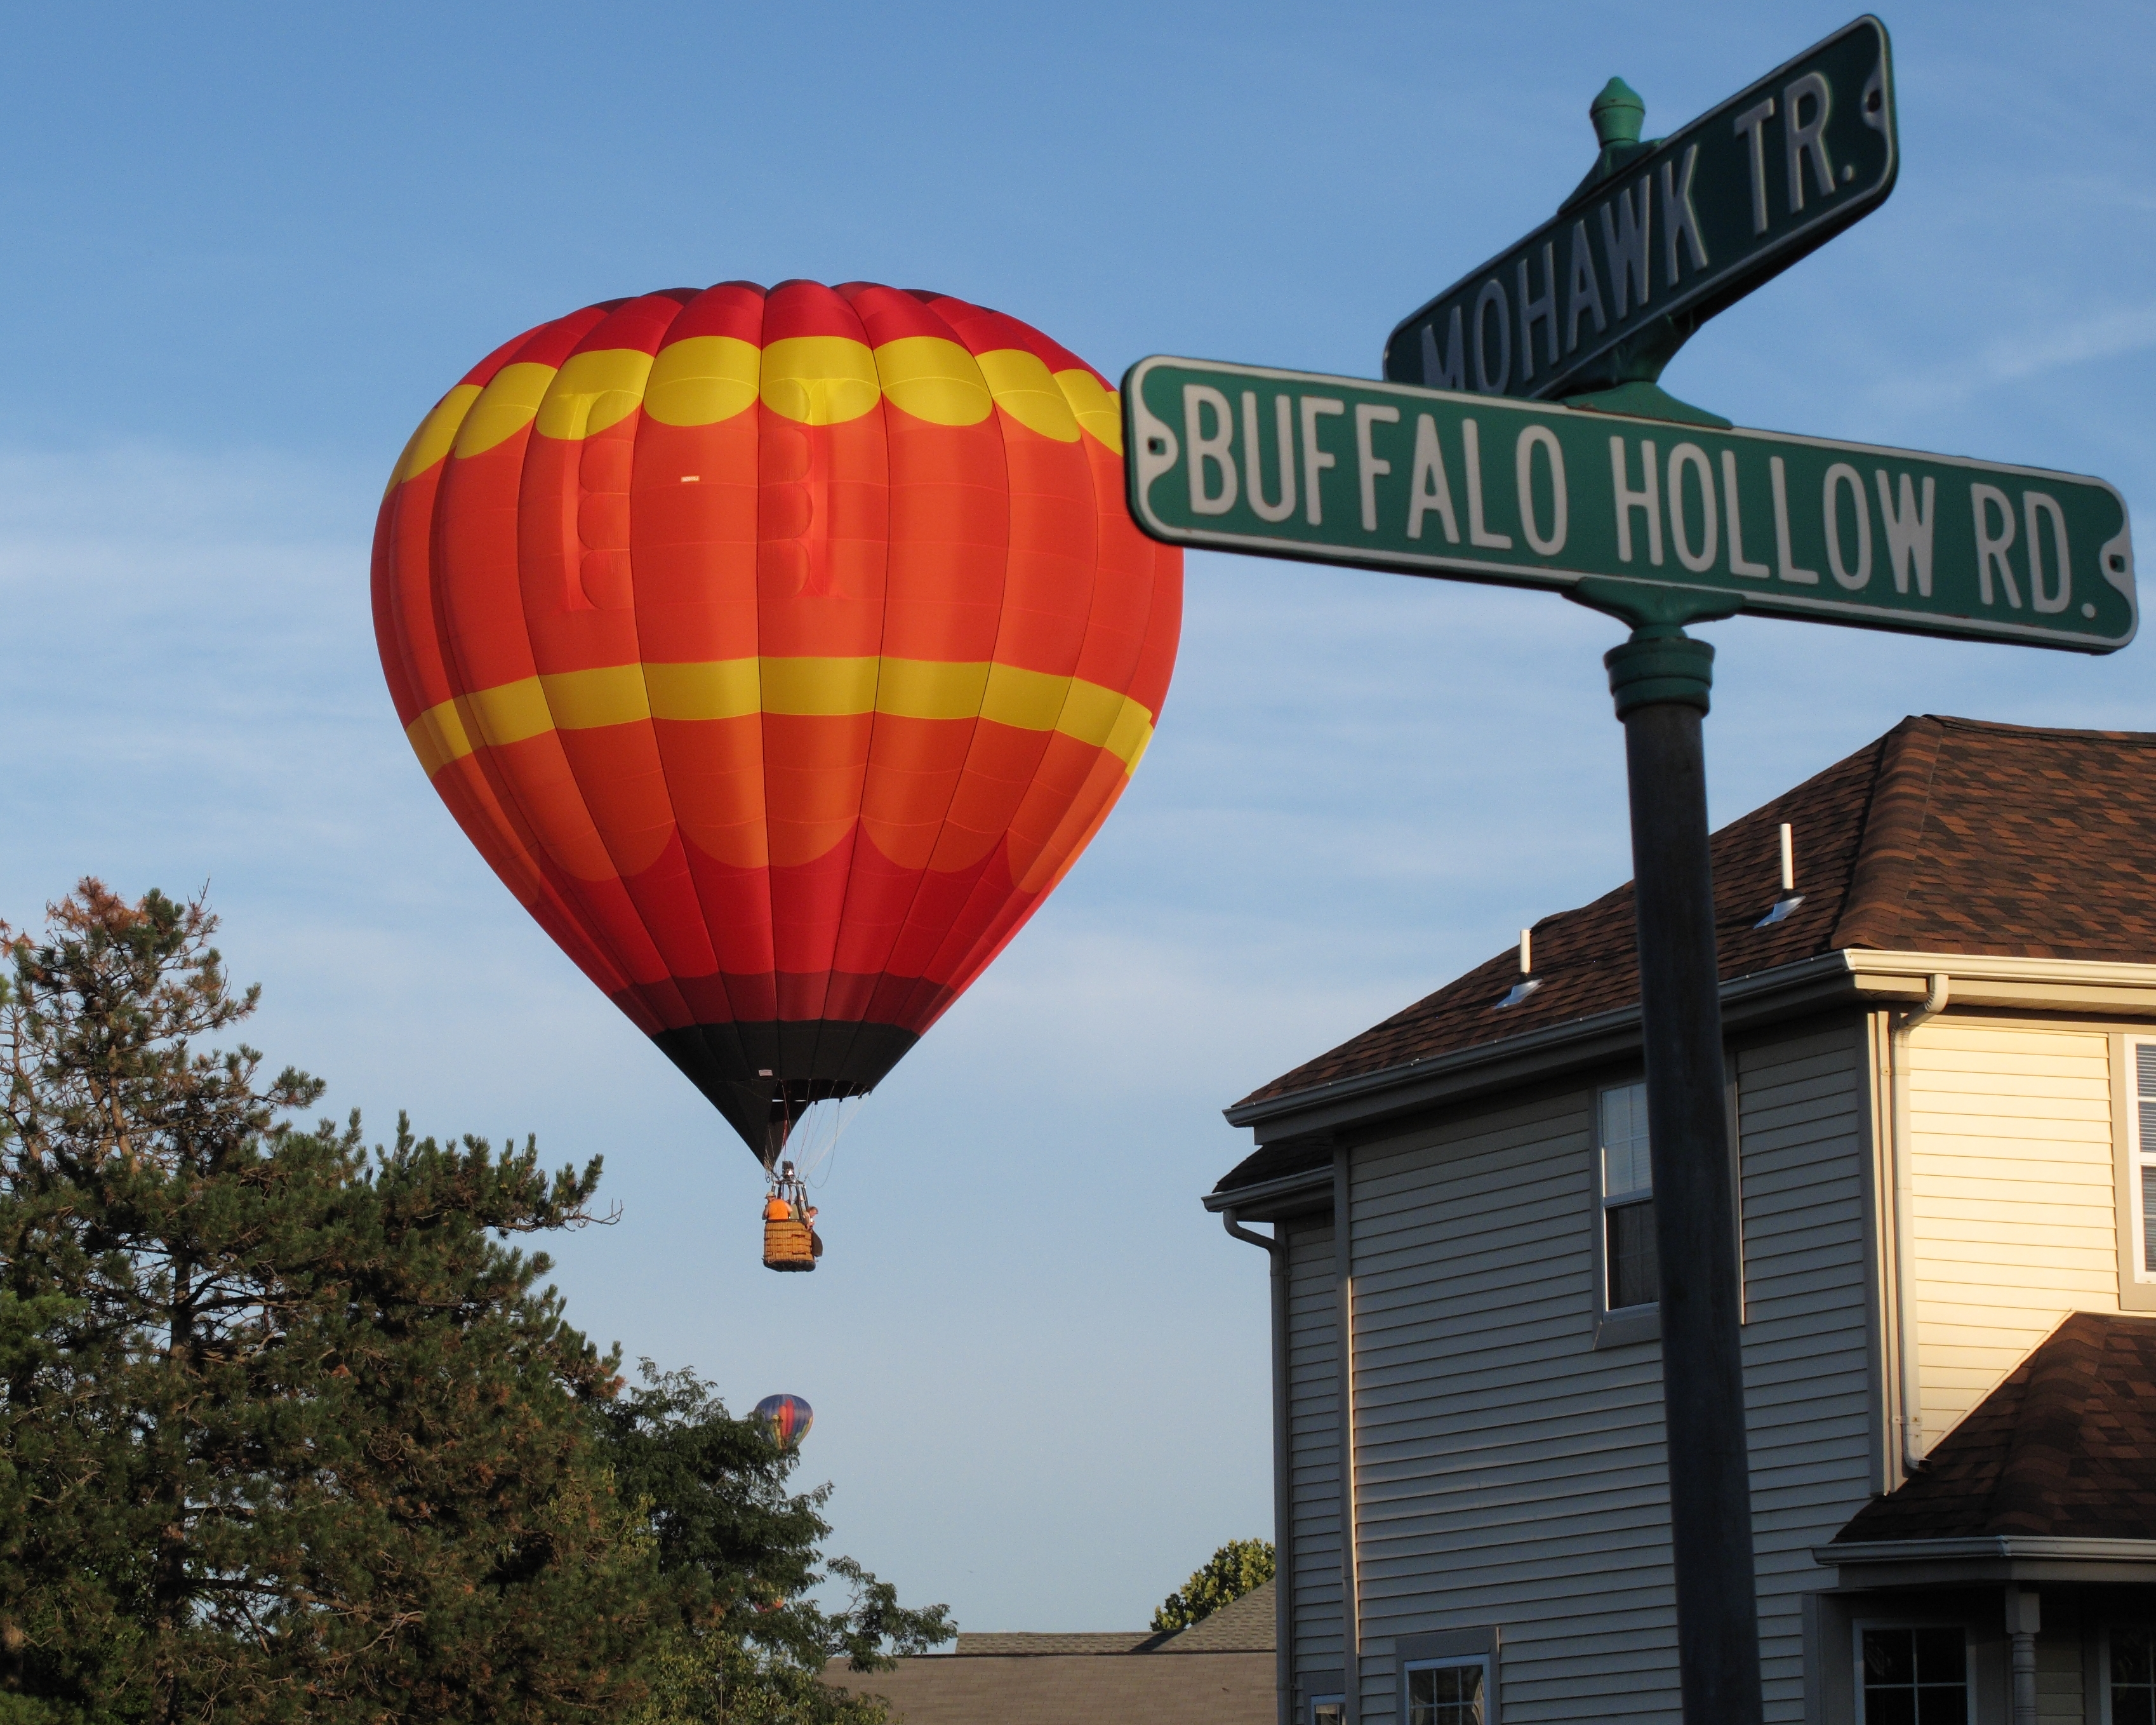 balloon-10-07-25-30